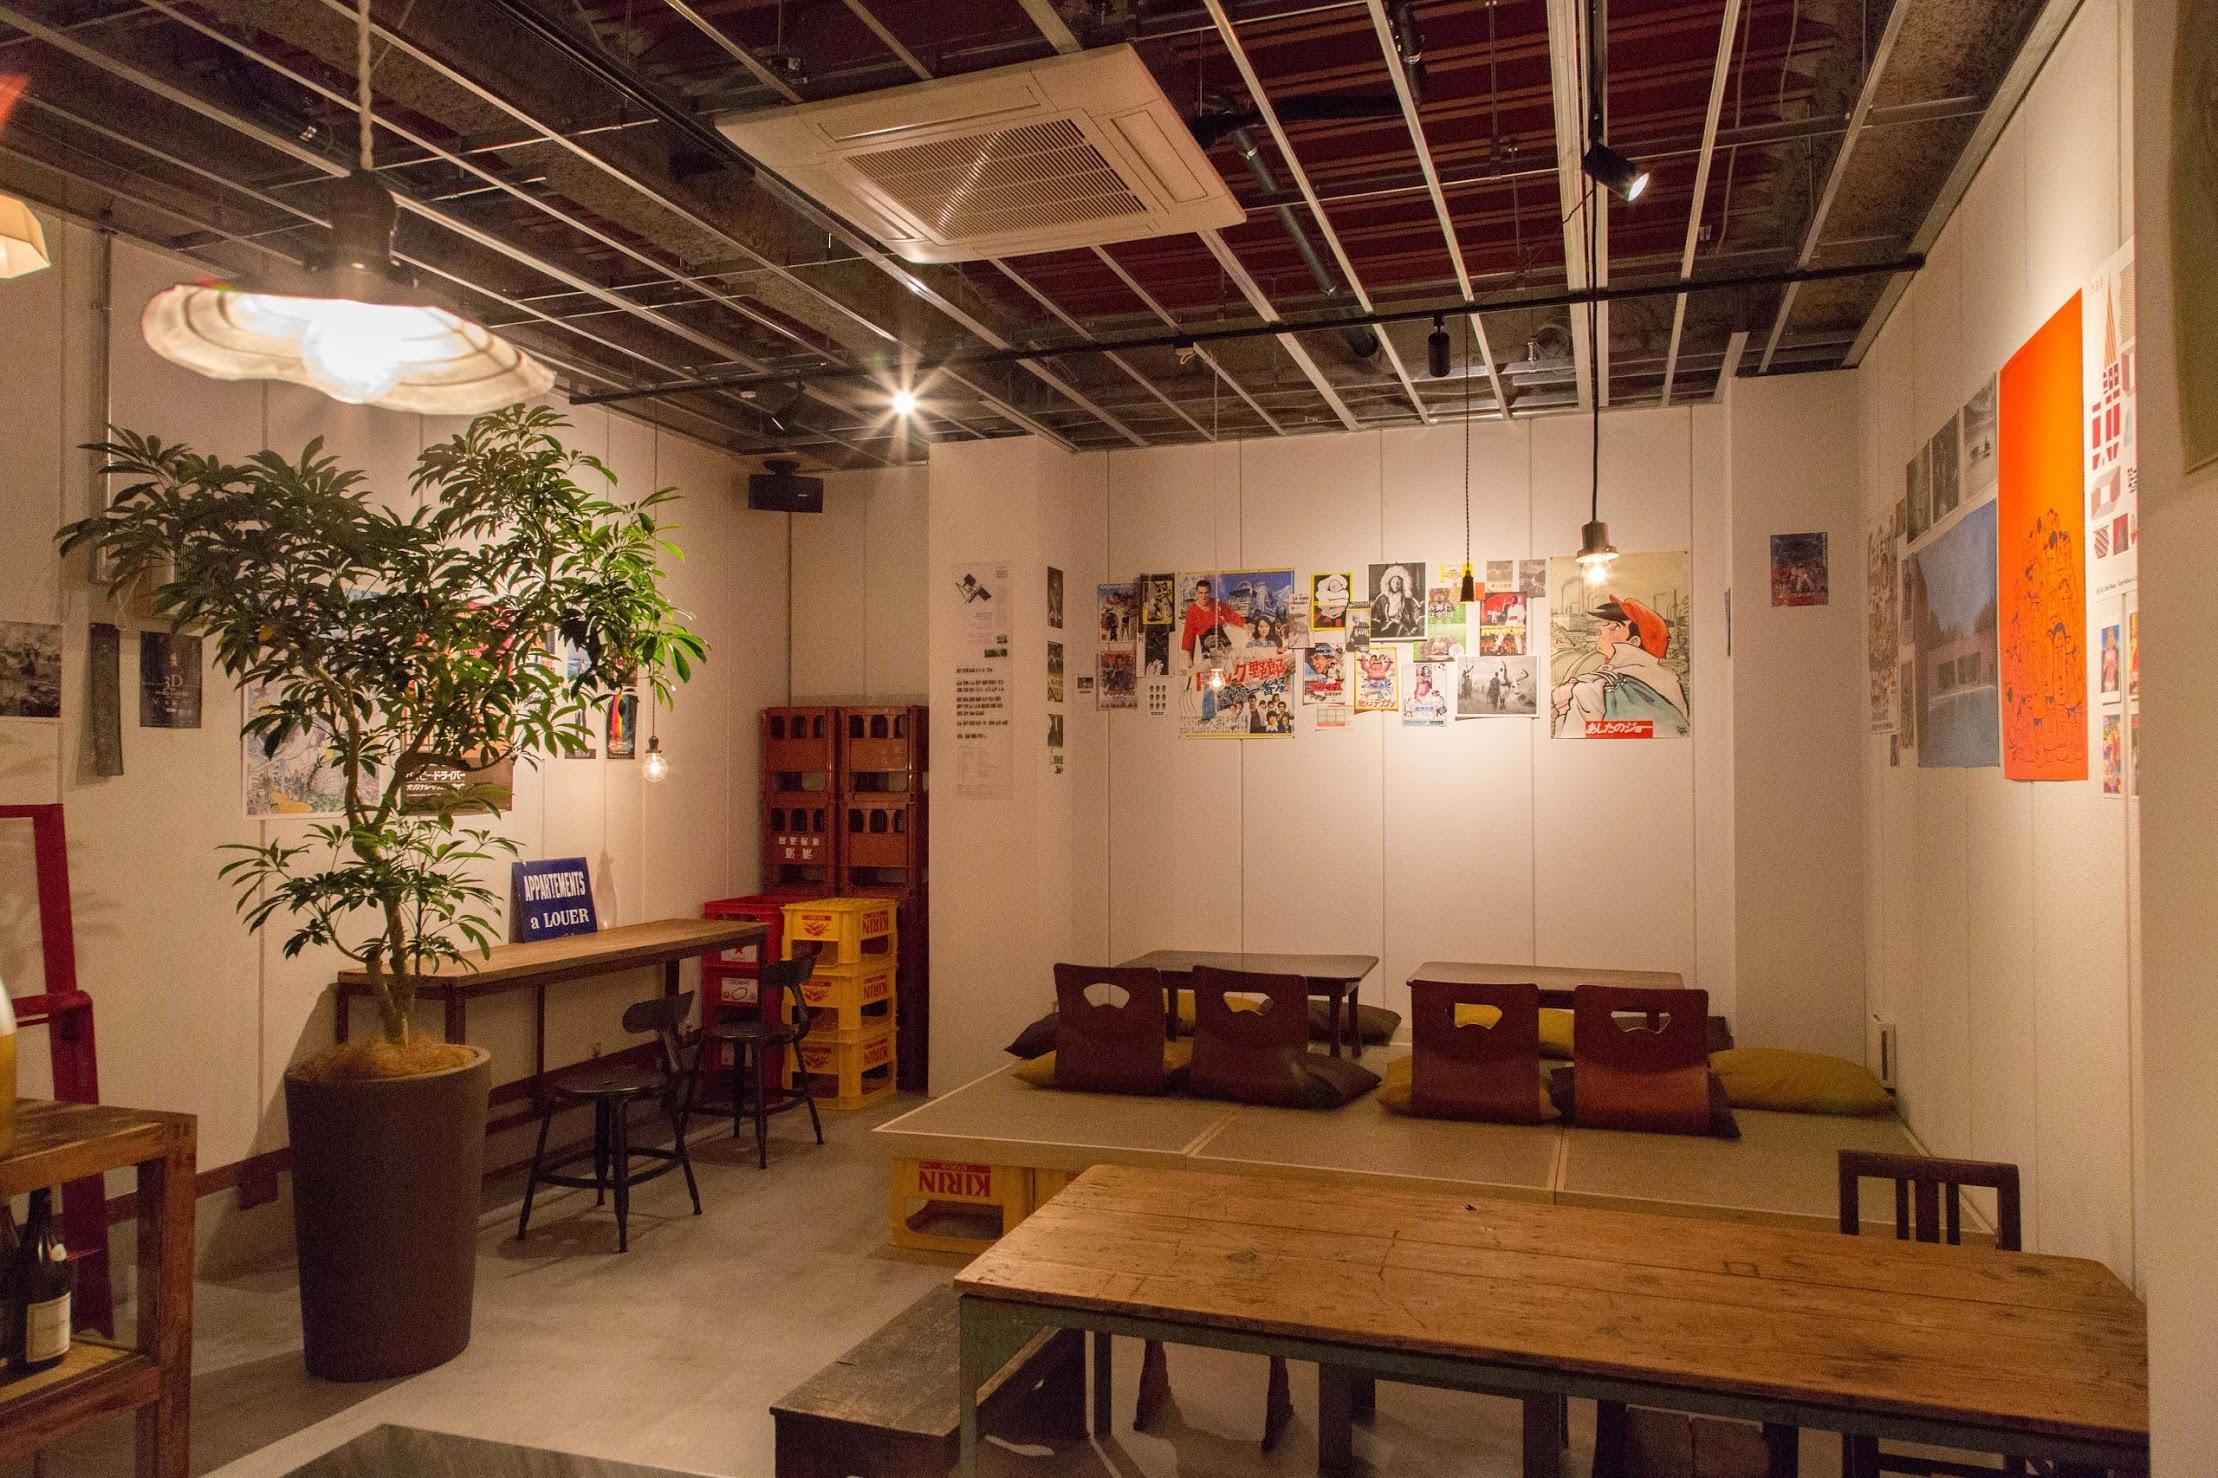 |東京|ゲストハウス|アート好きが集うおしゃれなホステル